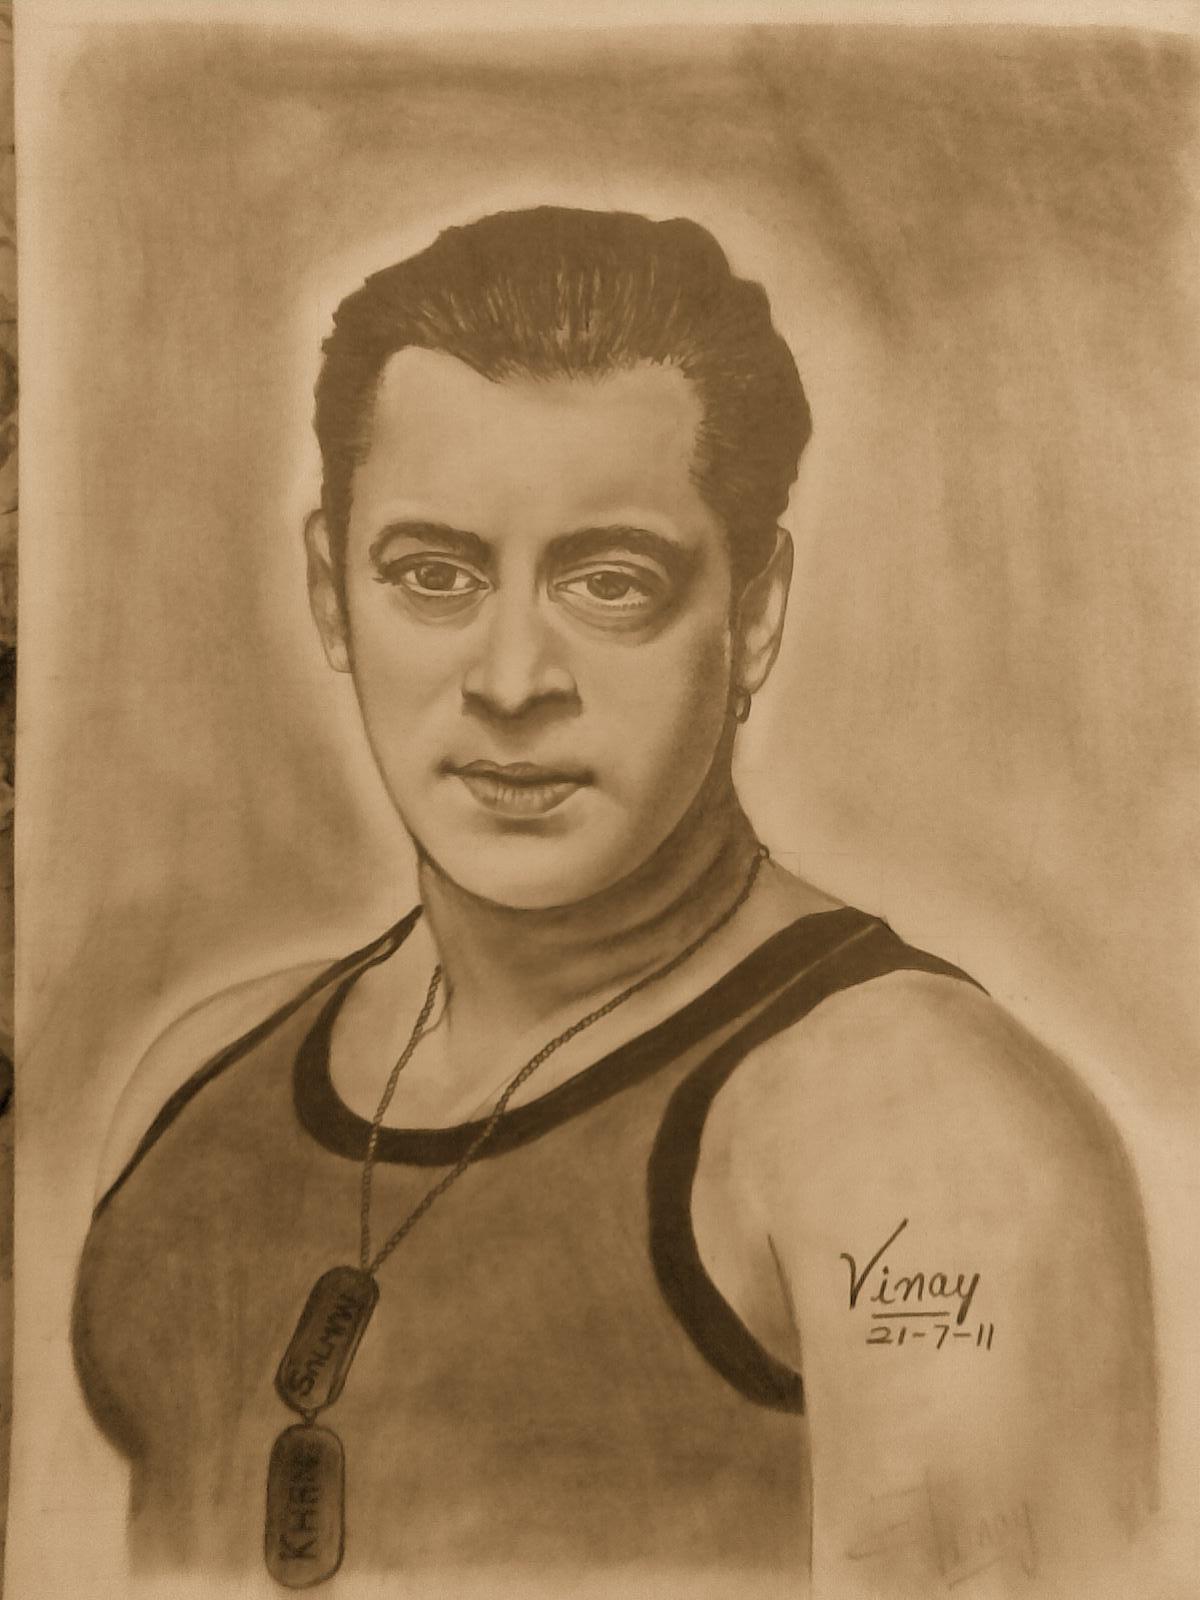 Salman Khan Sketch Wallpaper Pencil Sketch of Salman Khan